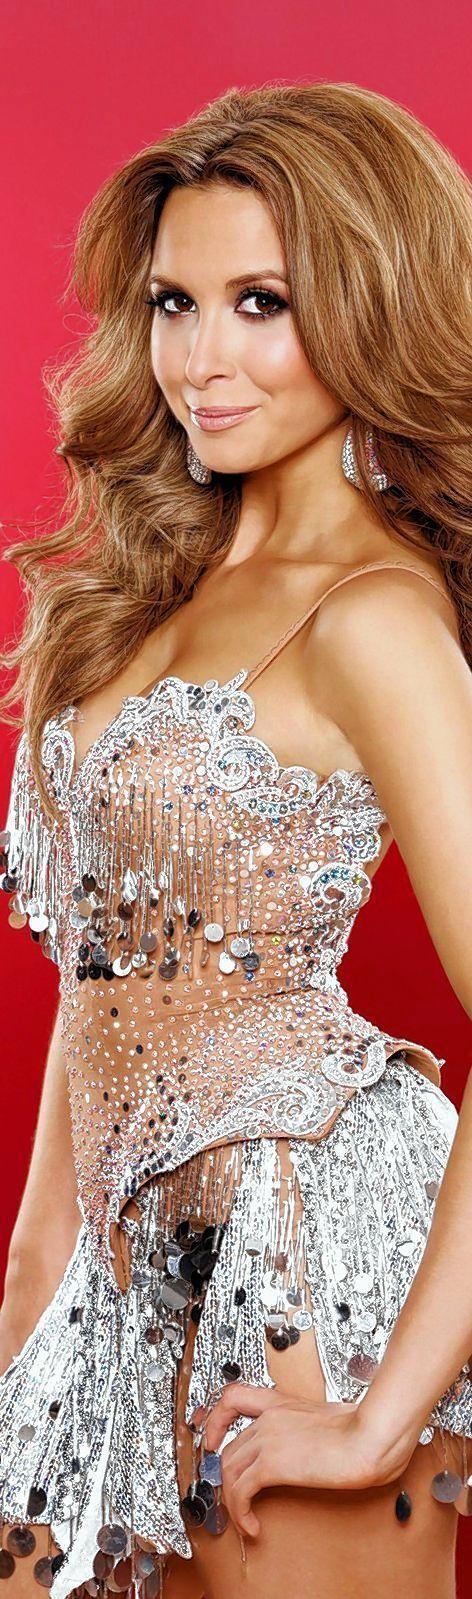 """Will auch als Tänzerin in der RTL-Serie """"Let's Dance"""" eine gute Figur machen. Popstar Mandy aus Bürstadt. Die neue Staffel startet am 14. März."""